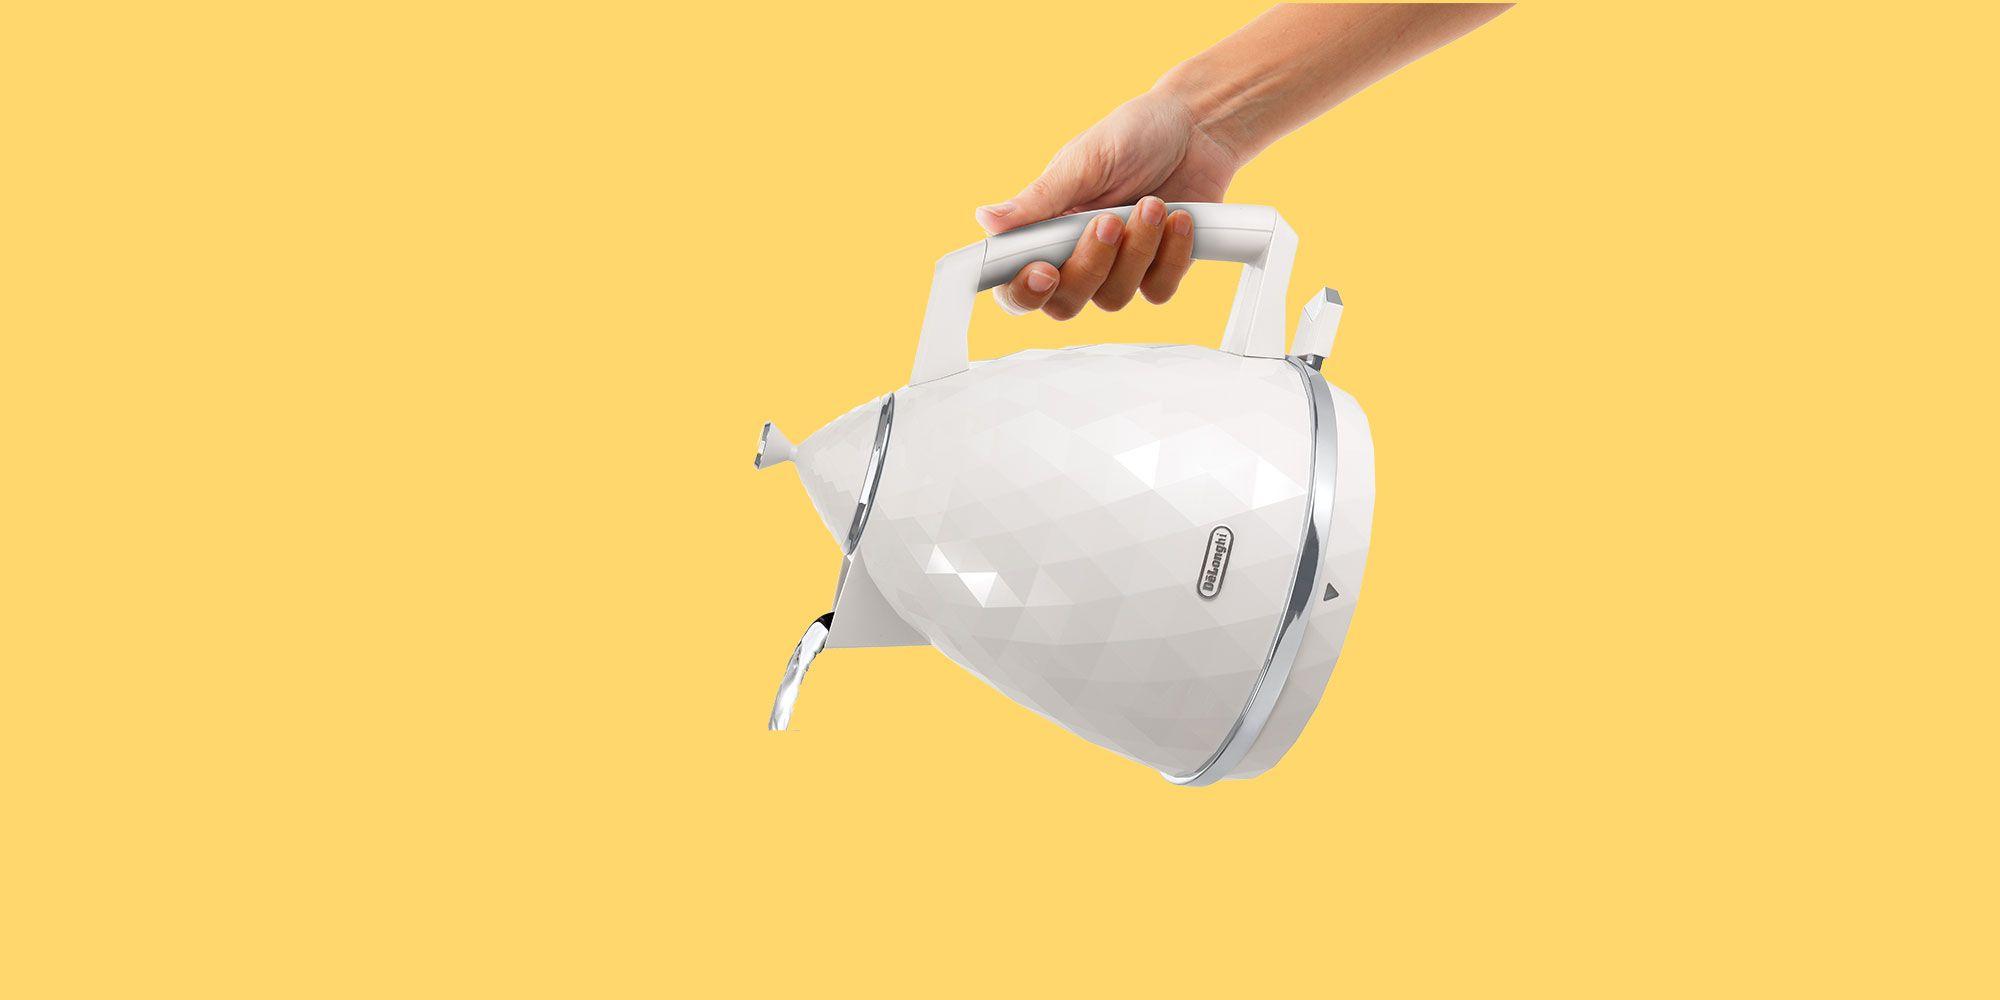 De'longhi Simbolo Electric Kettle